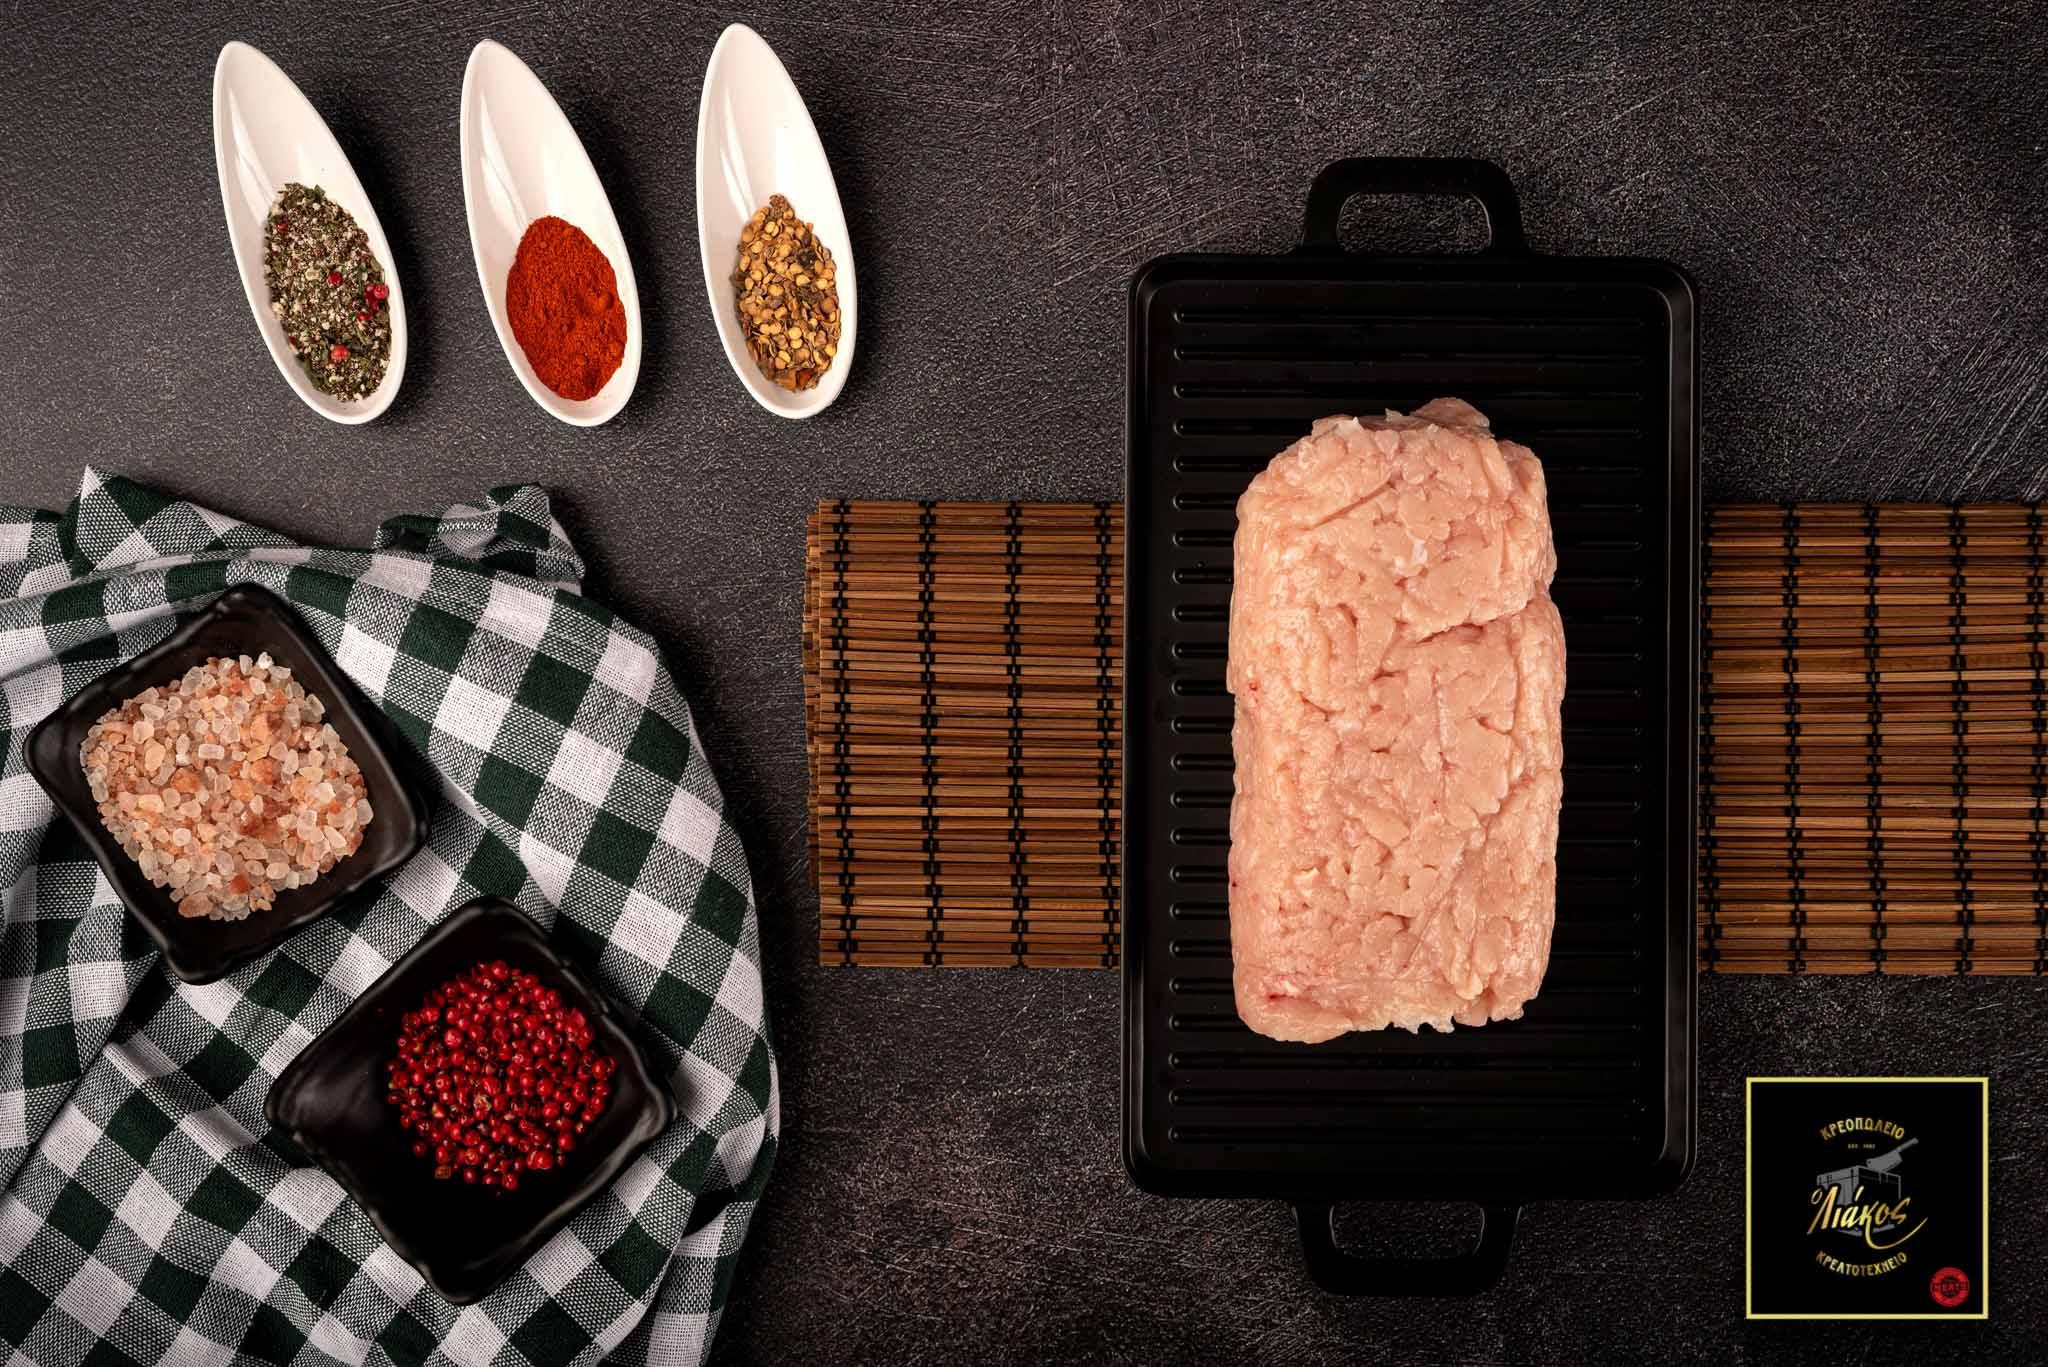 φωτογράφιση κρέατος για eshop 0004